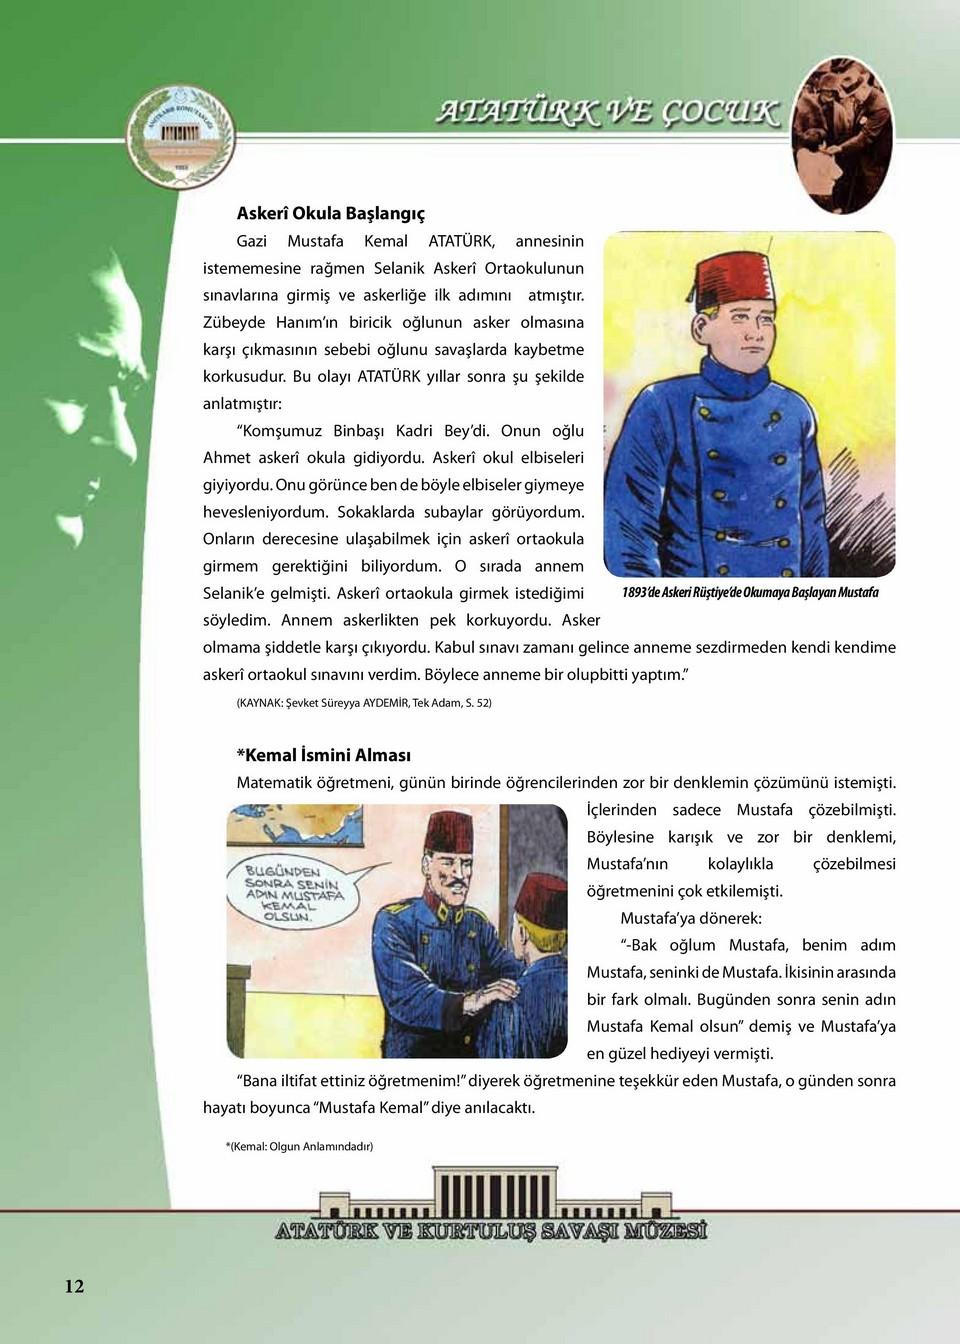 ataturkvecocuk-page-014